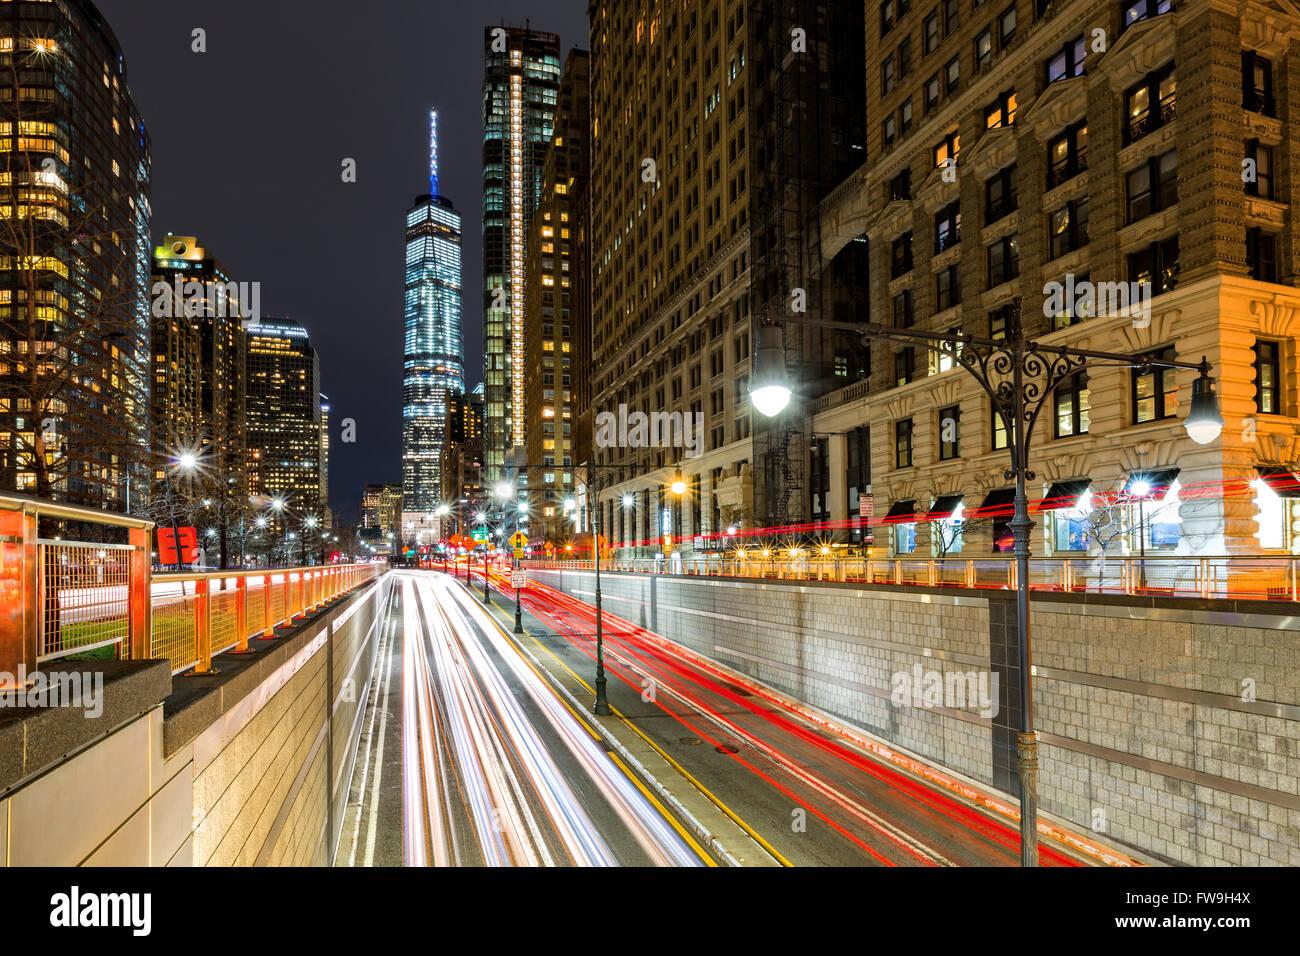 Verkehr-Trails in der Innenstadt von New York City am Eingang im Battery Park-tunnel Stockbild